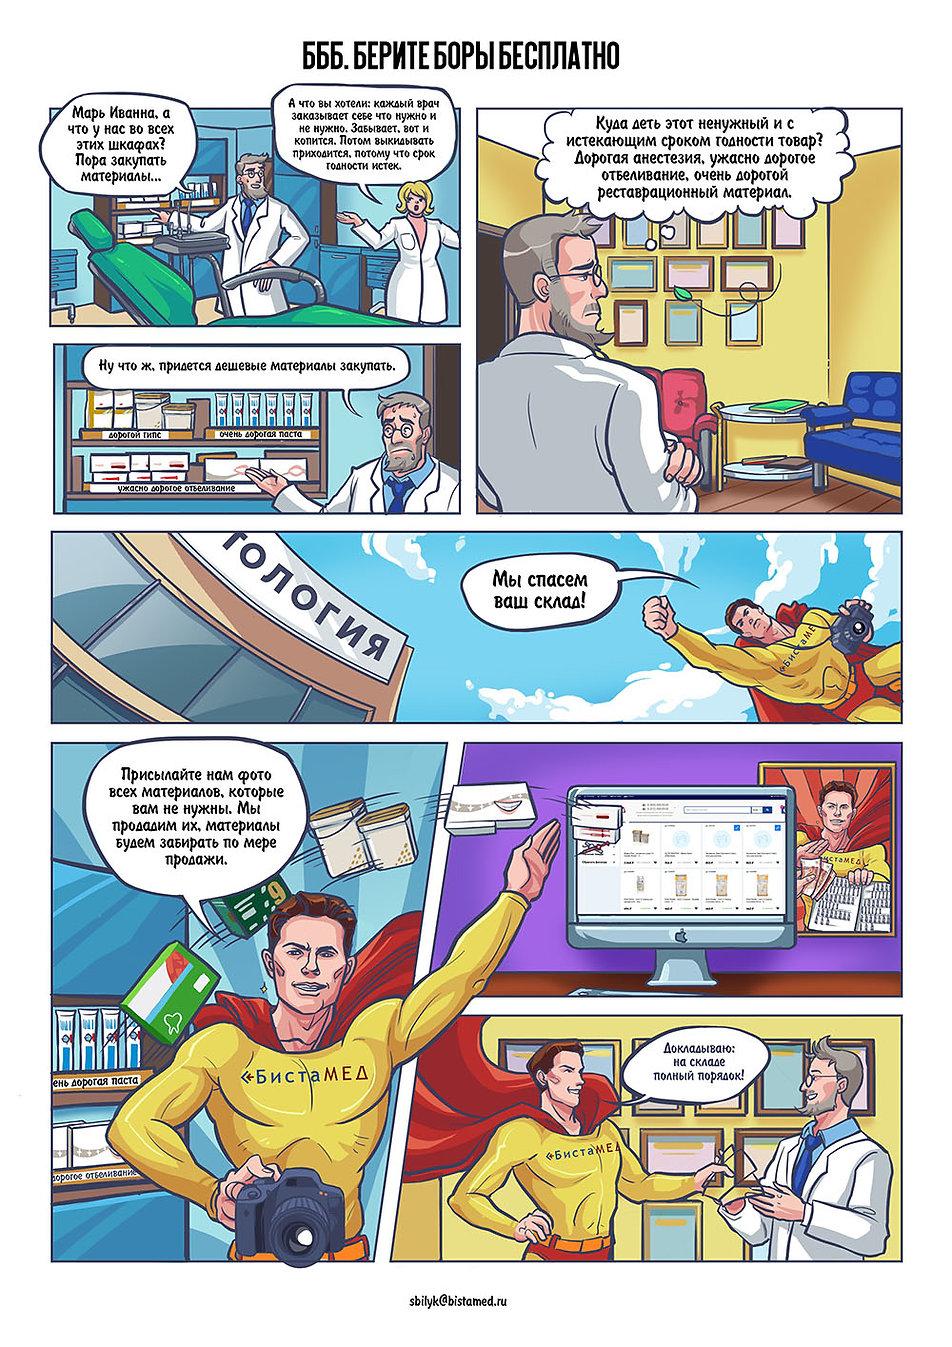 Маркетинговый комикс. Боры бесплатно. с2